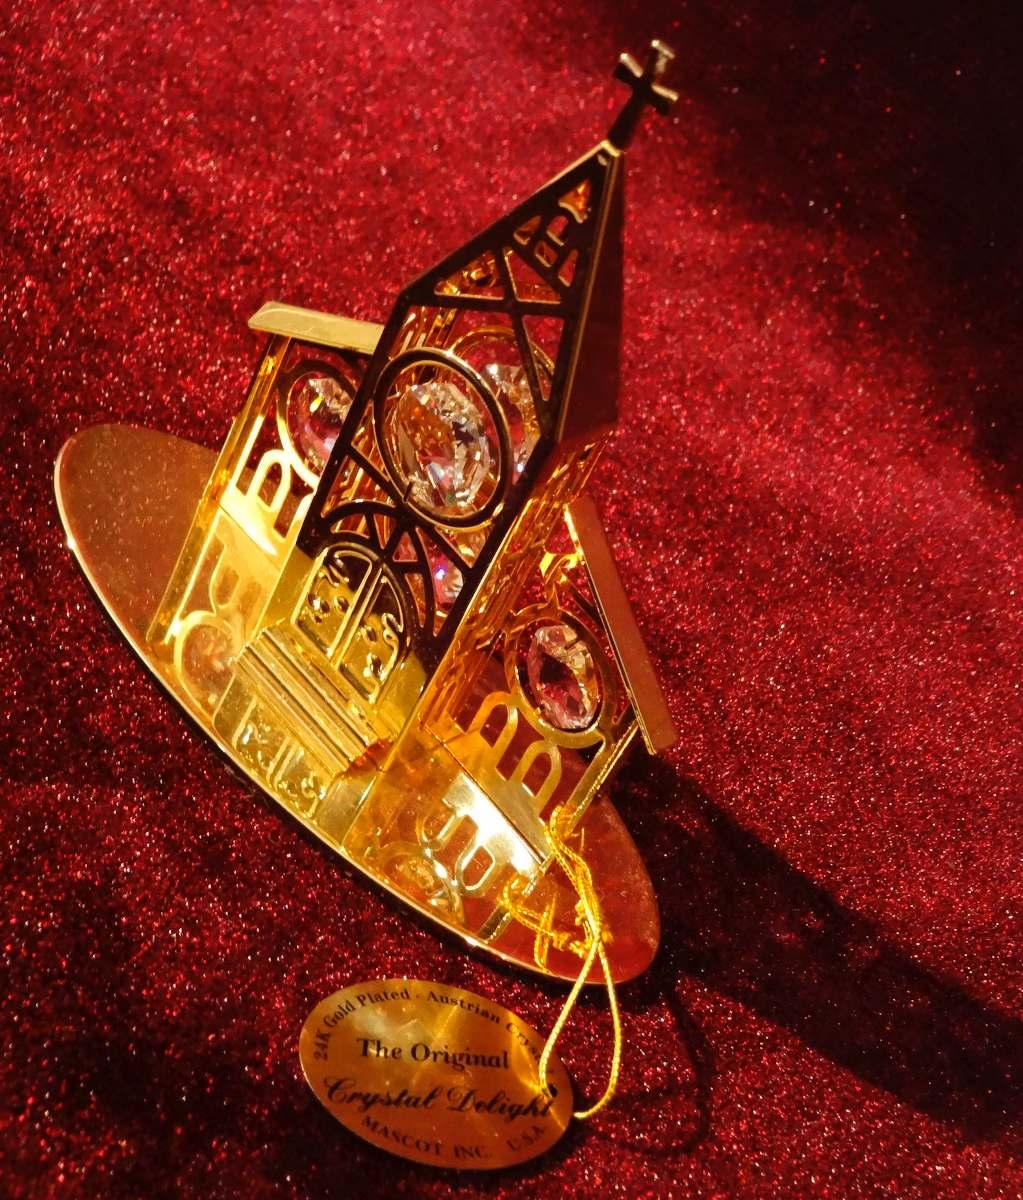 Iglesia en ba o de oro 24 k con cristal austriaco 319 - Bano de oro precio ...